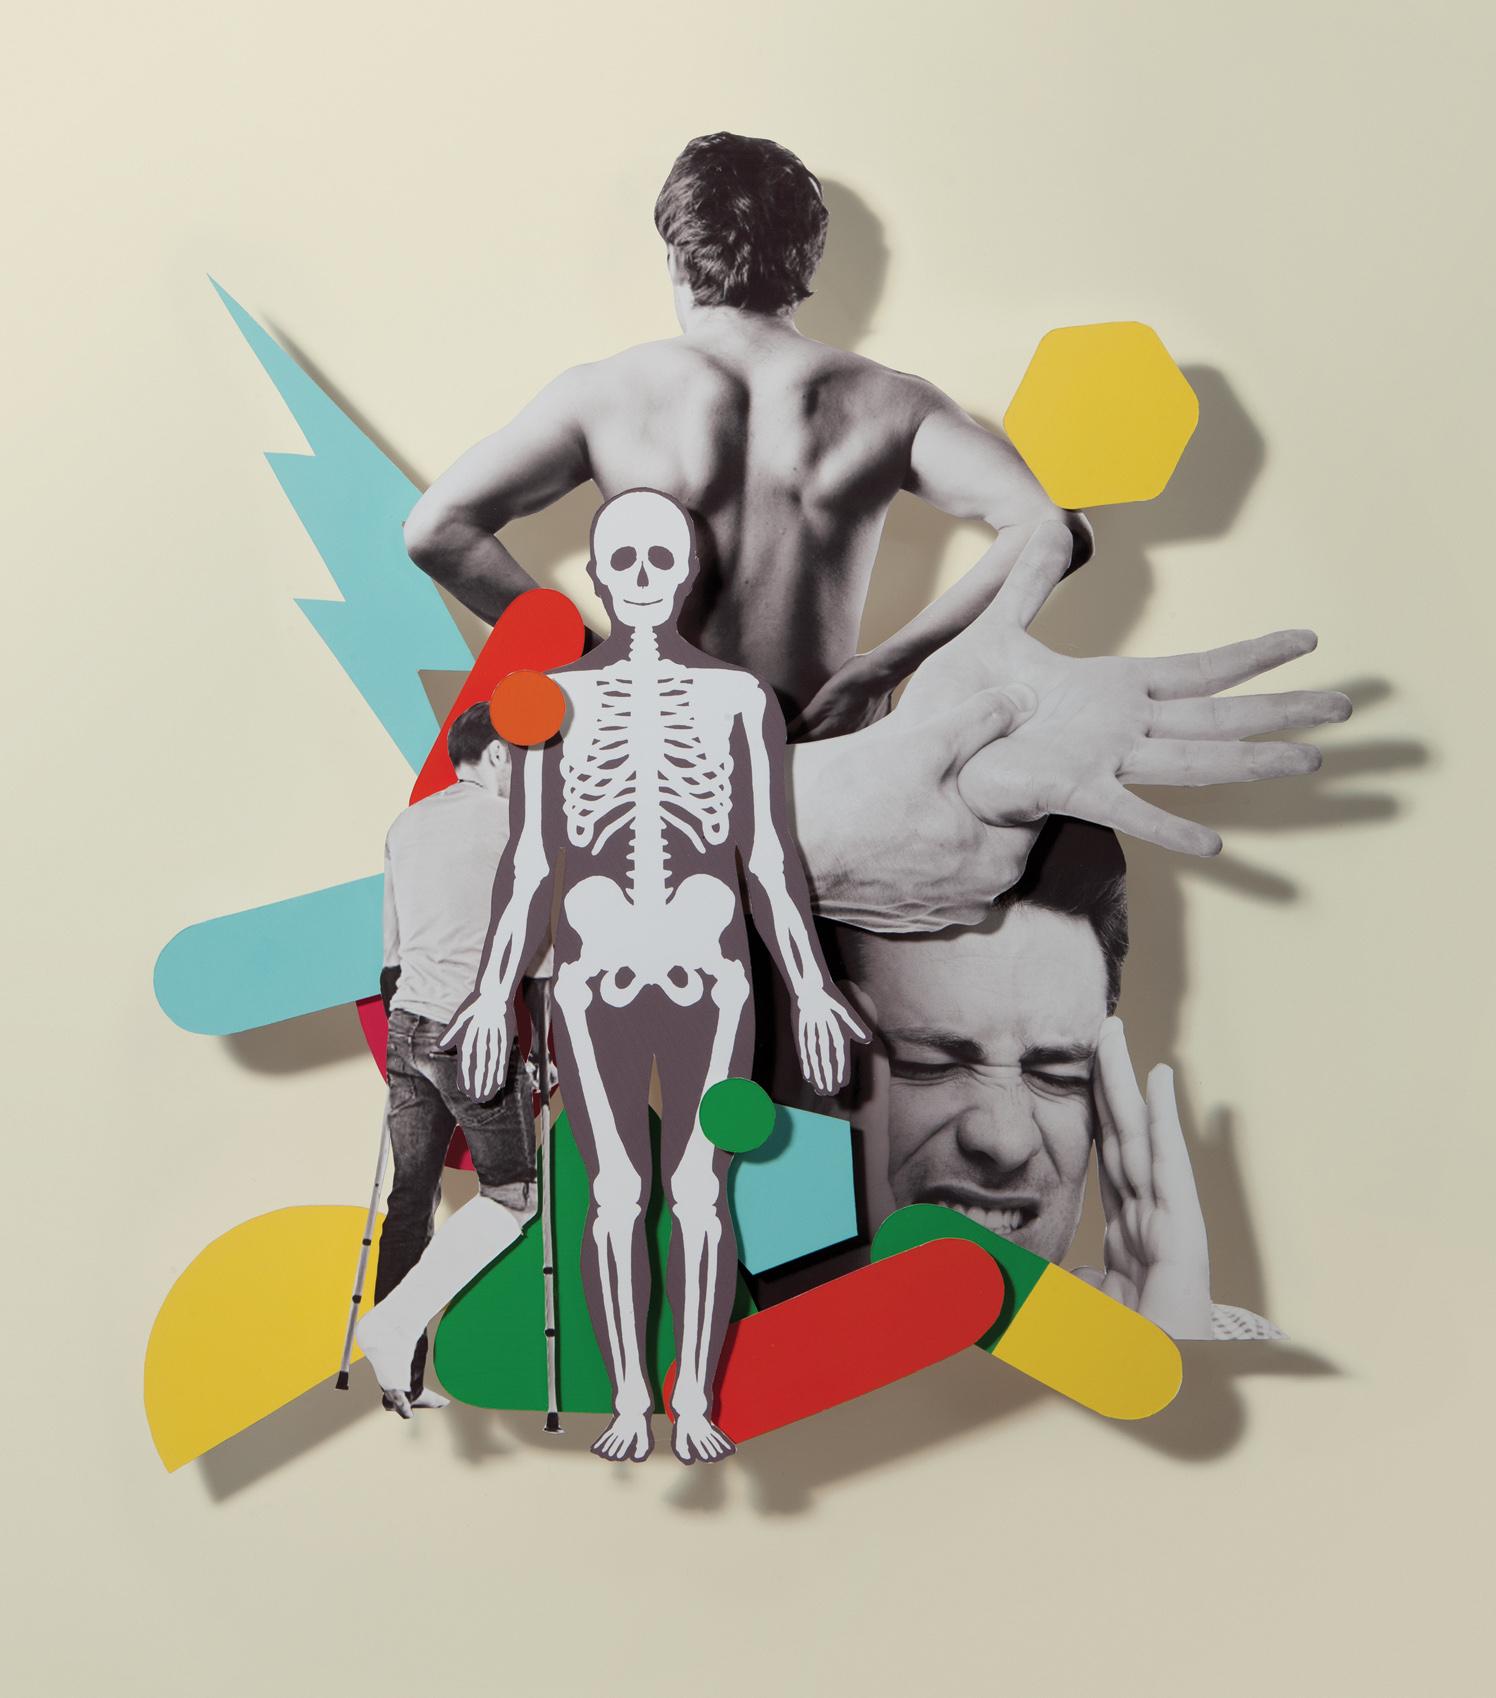 Pain / Men's Health Germany